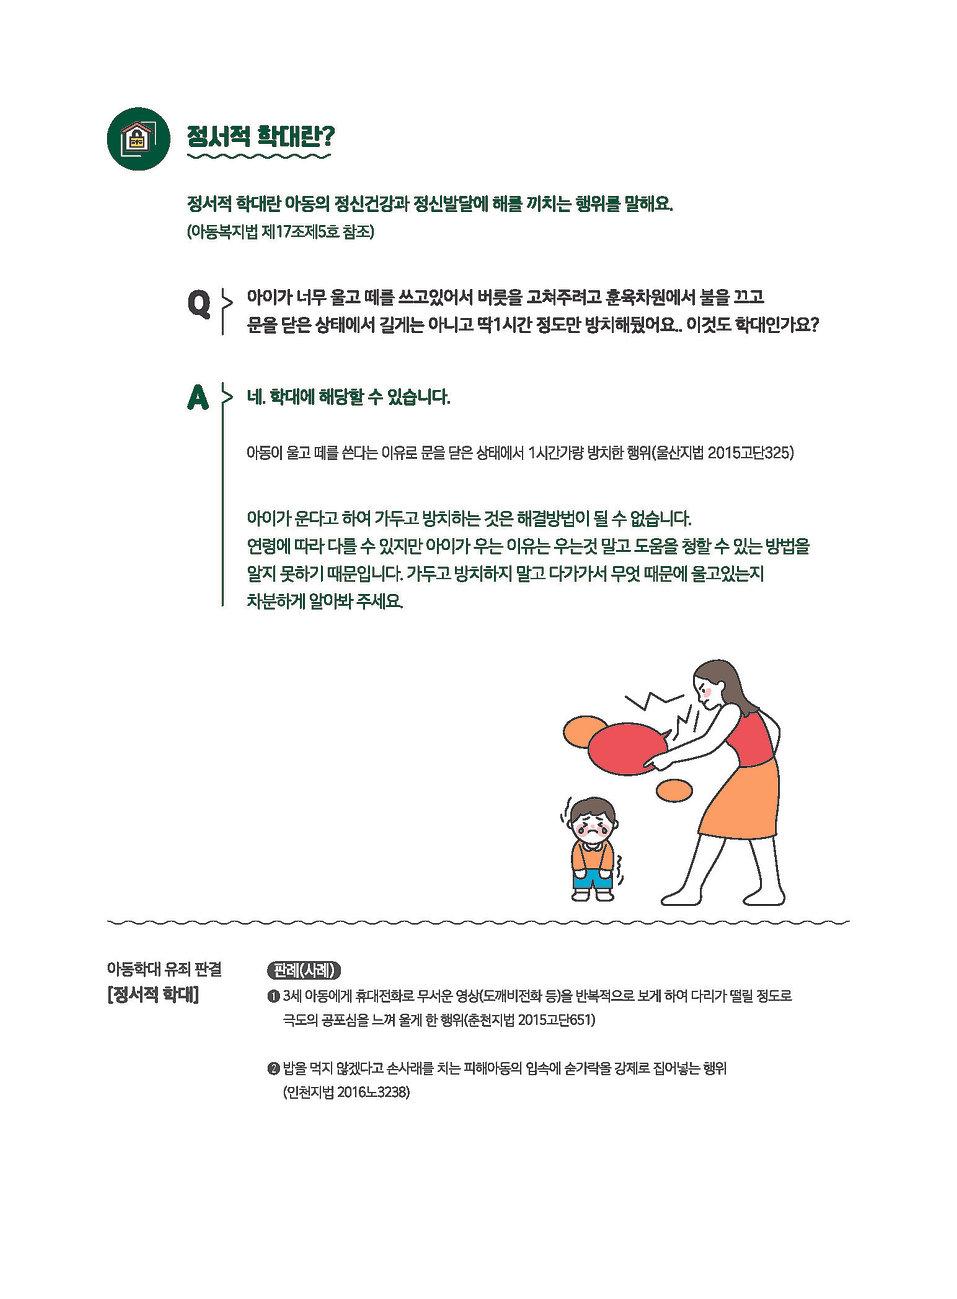 최종)훈육가이드(송부용)_페이지_04.jpg